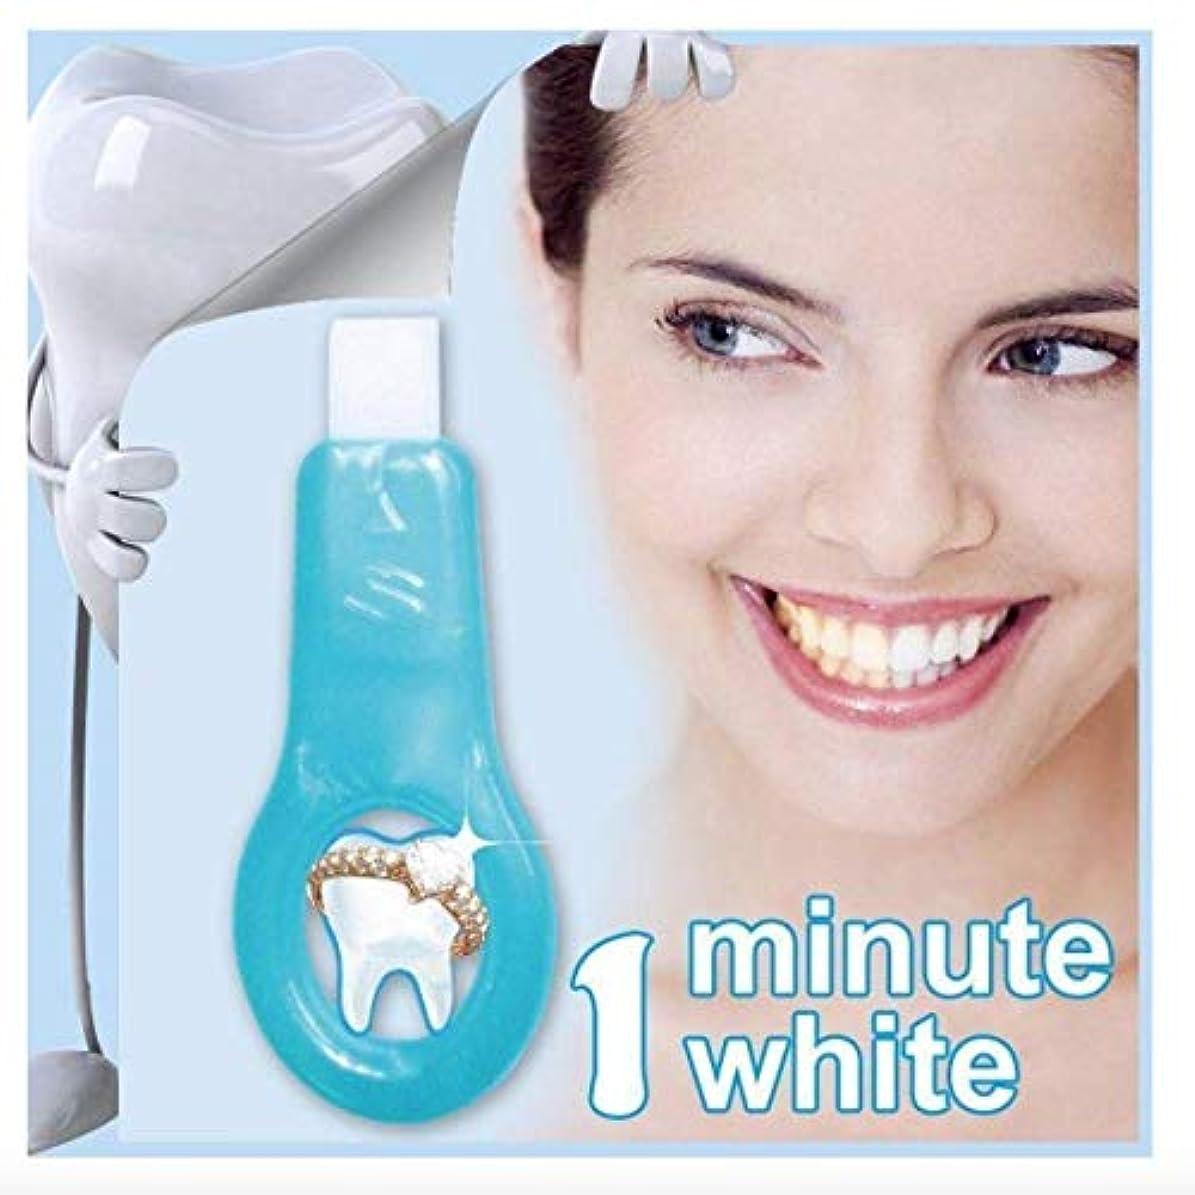 値する胆嚢学校の先生歯 美白 - Delaman 歯 ホワイトニング、ナノ、歯の汚れ、コーヒーの汚れを取り除く、歯 ケア、1つ ハンドル+2つクリーニングストリップ